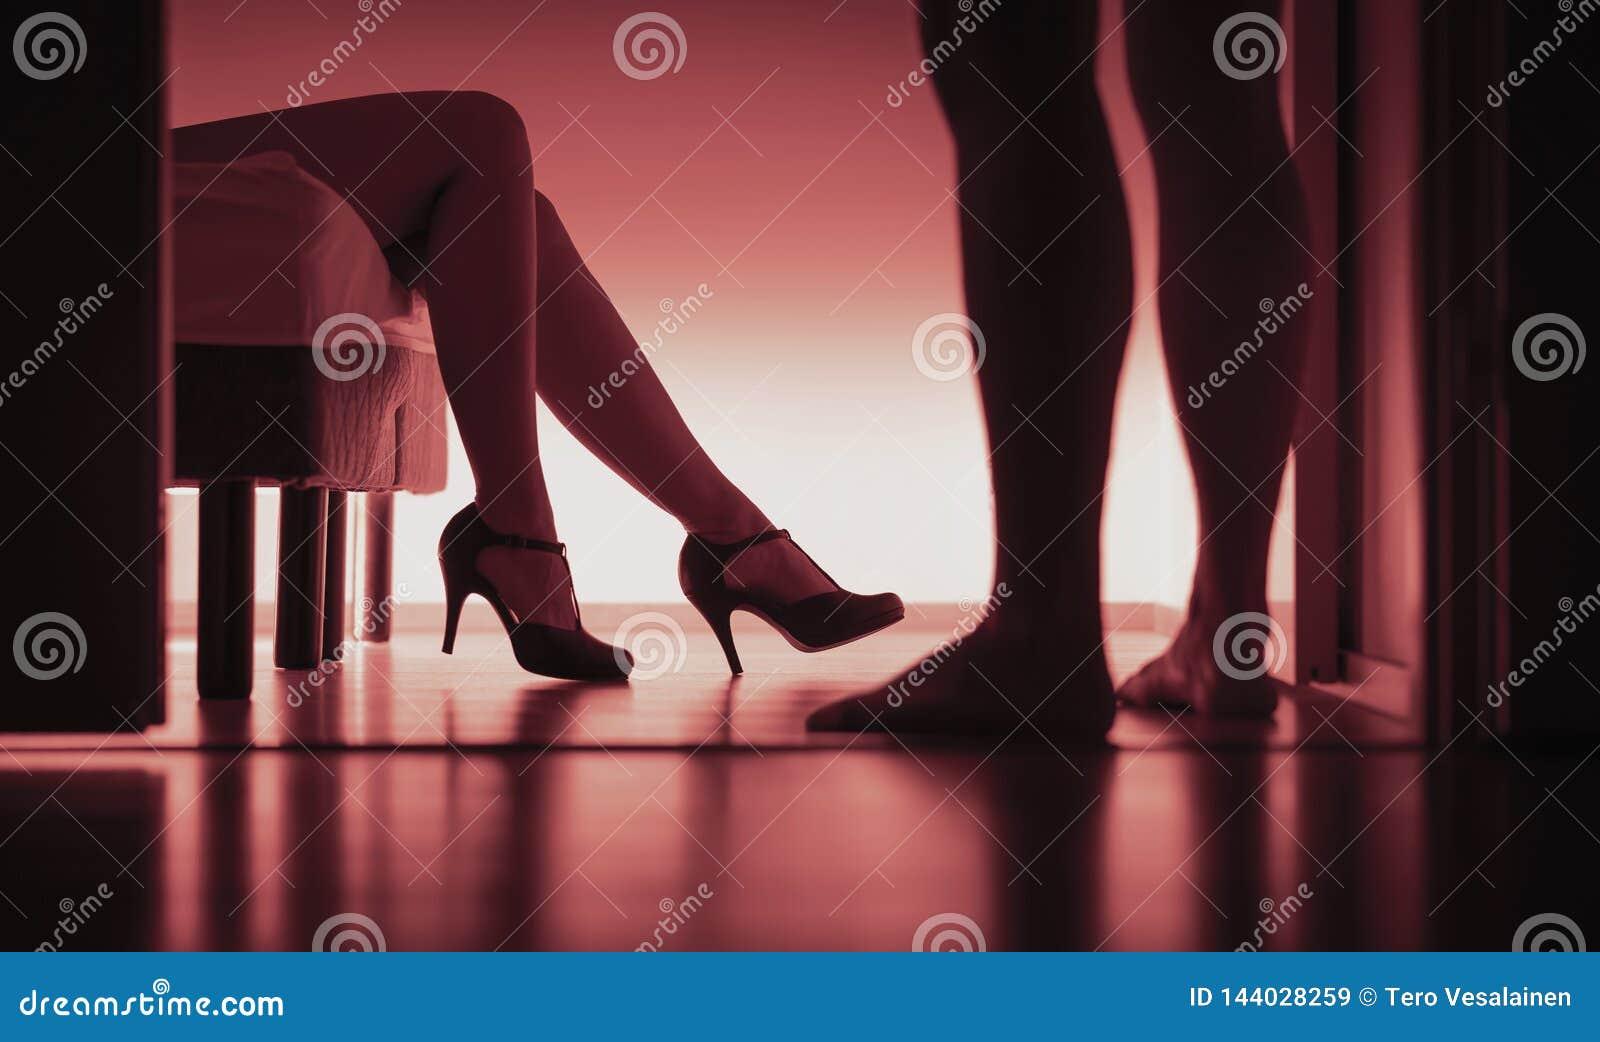 Eskorta, opłacona płeć lub nierząd, Seksowna kobiety i mężczyzny sylwetka w sypialni Gwałta lub molestowania seksualnego pojęcie